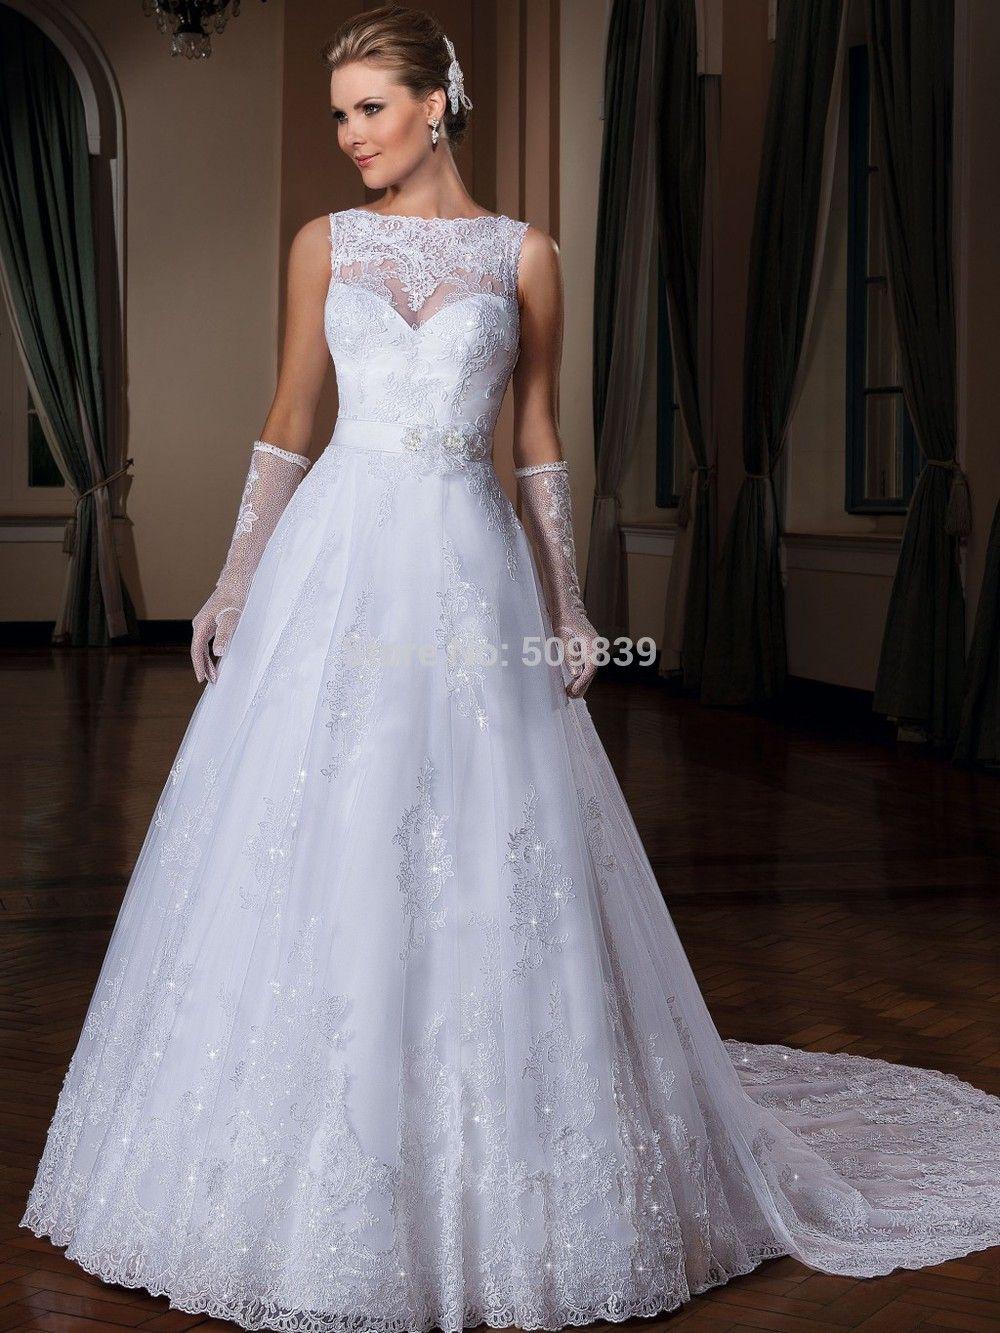 1b56d3f465 Conheça mais sobre esta coleção de vestidos de noiva - - Coleção de vestidos  de noiva Magnólia